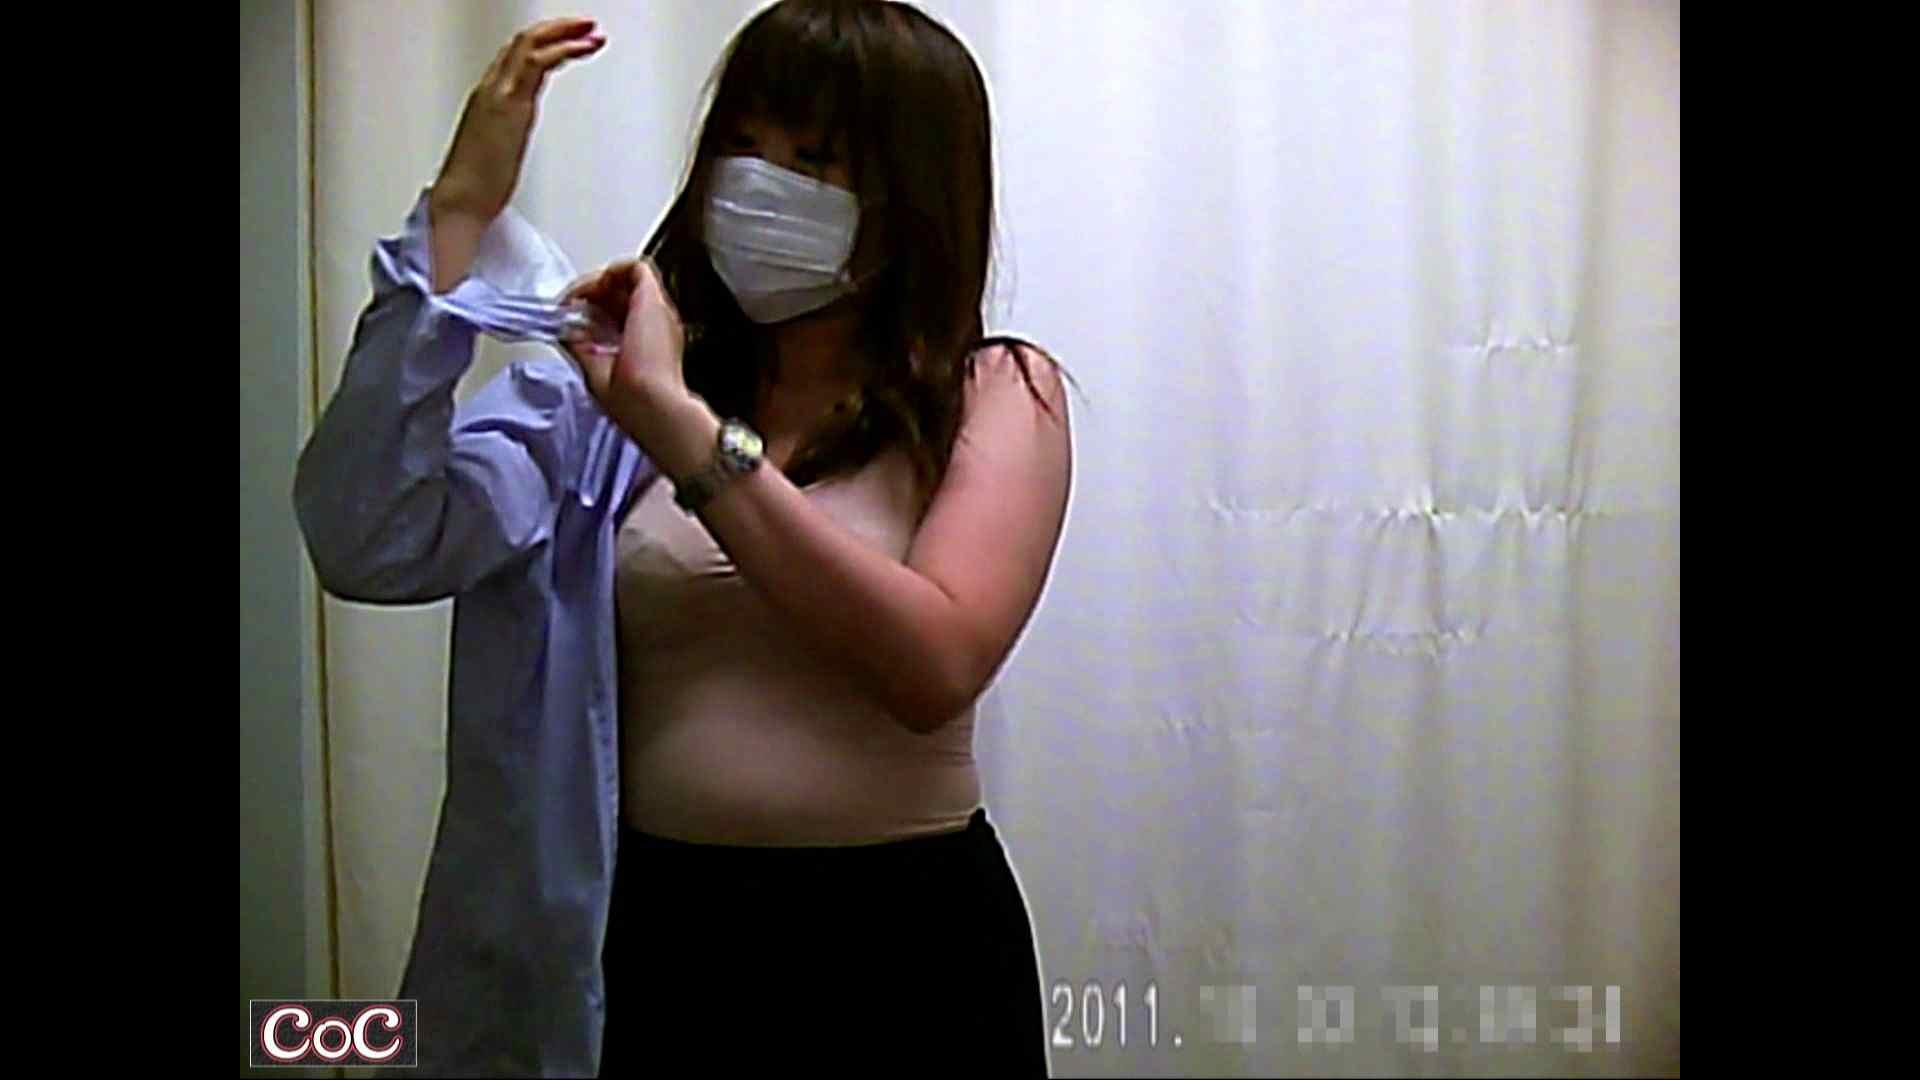 元医者による反抗 更衣室地獄絵巻 vol.248 OL  69pic 59